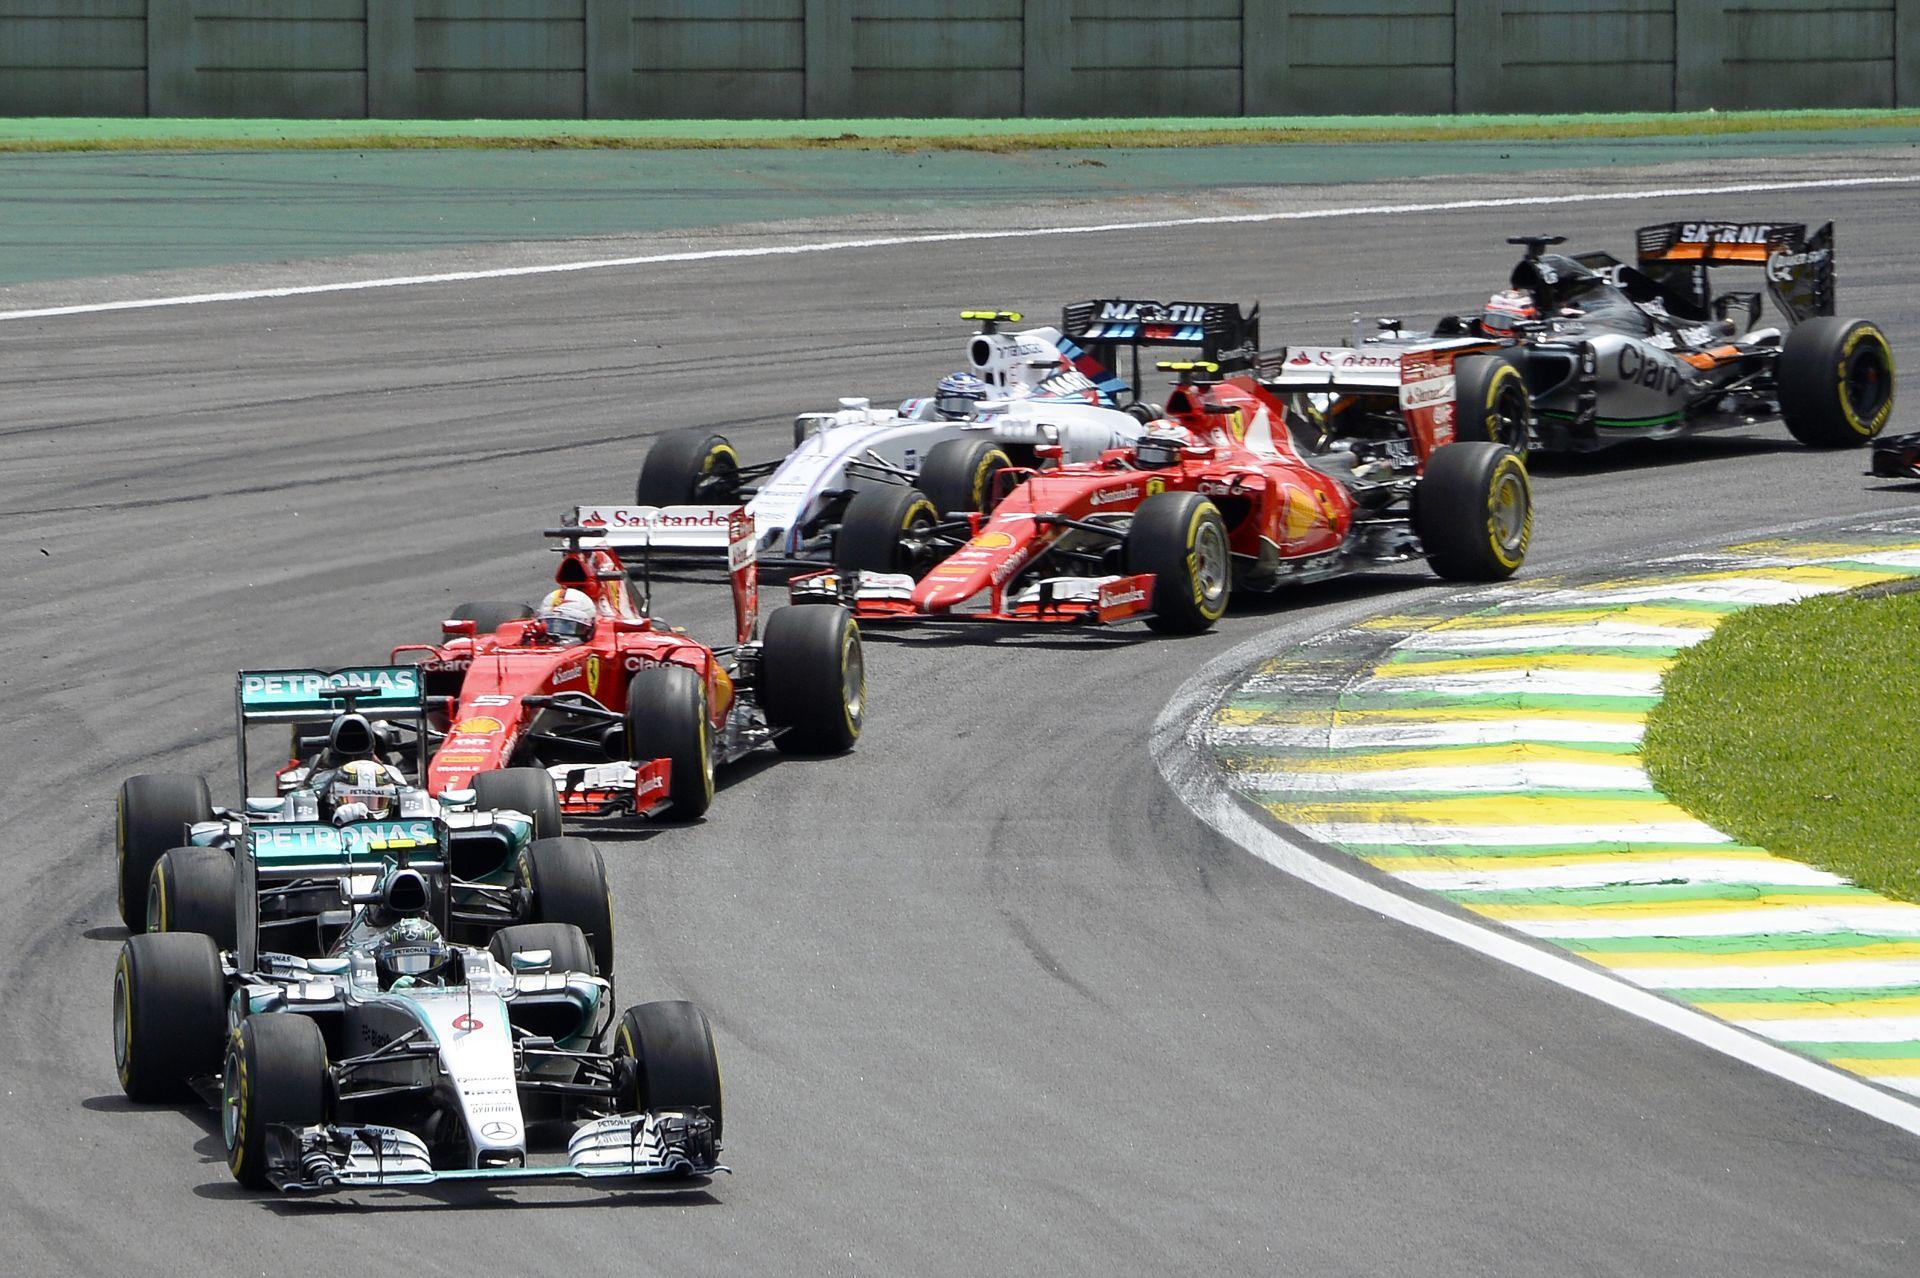 Az F1-es csapatok megállapodtak: 2020-ig maradnak a V6-os motorok